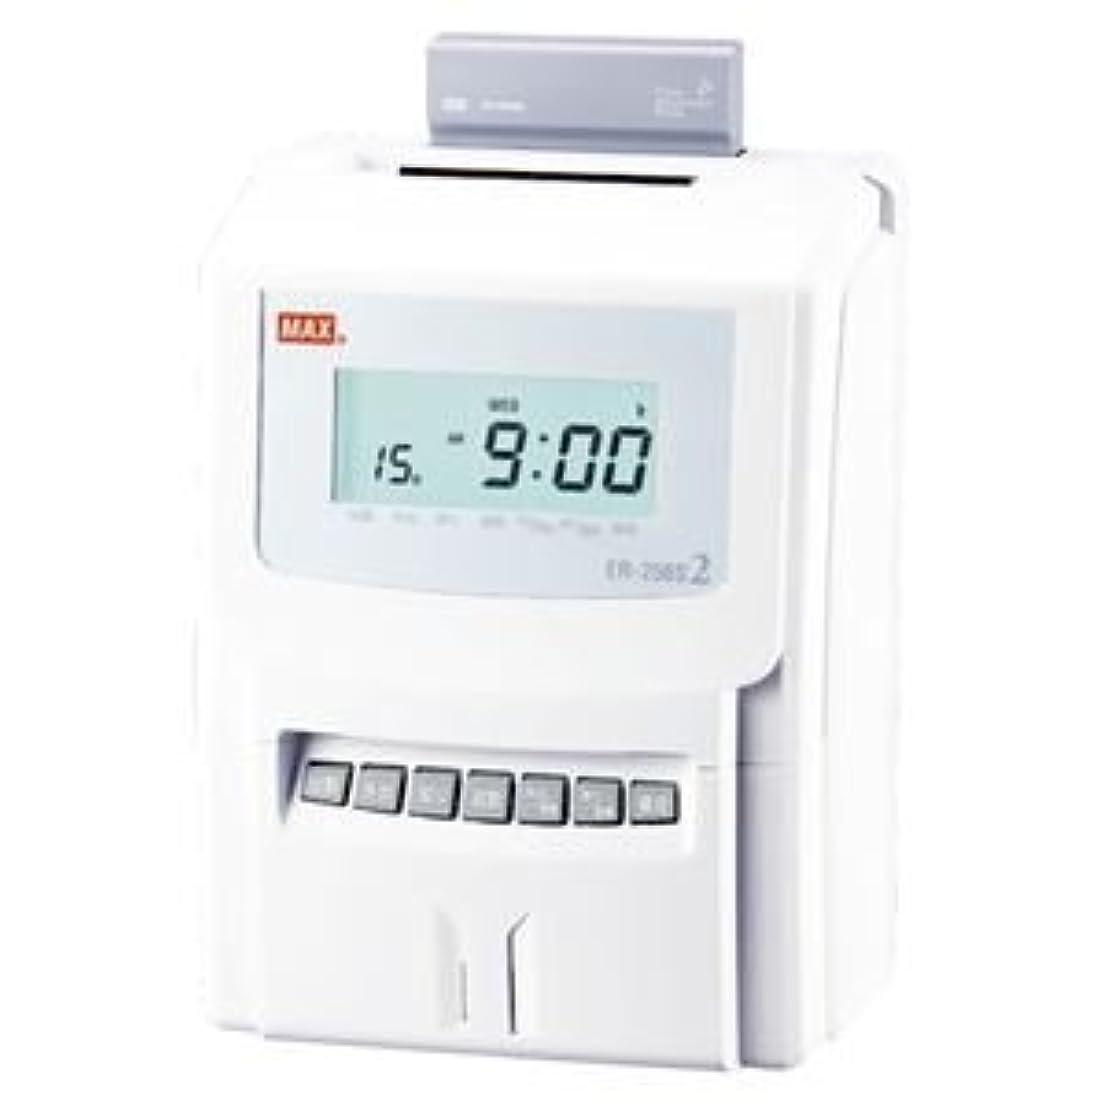 シェル服を洗う単にマックス 電子タイムレコーダー ER-250S2 ホワイト 1台 ds-1128173